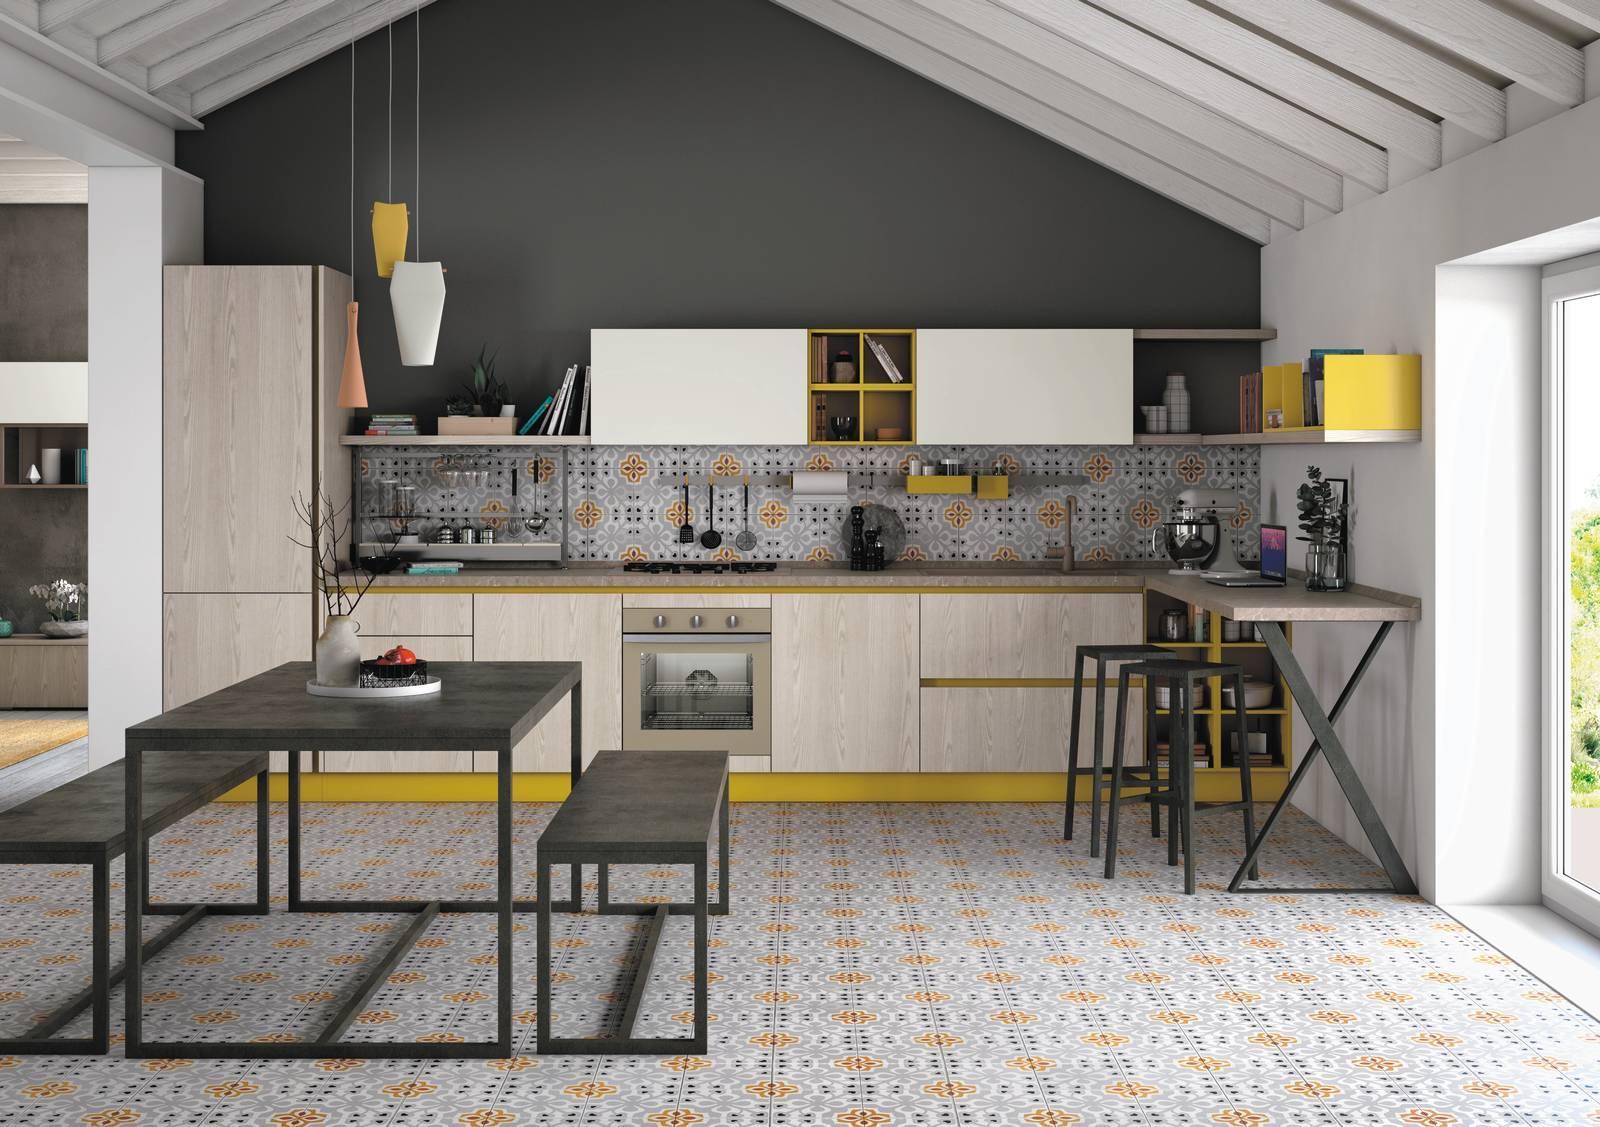 Cucine Creo Lube Opinioni cucine con dettagli colorati. foto modelli, descrizioni